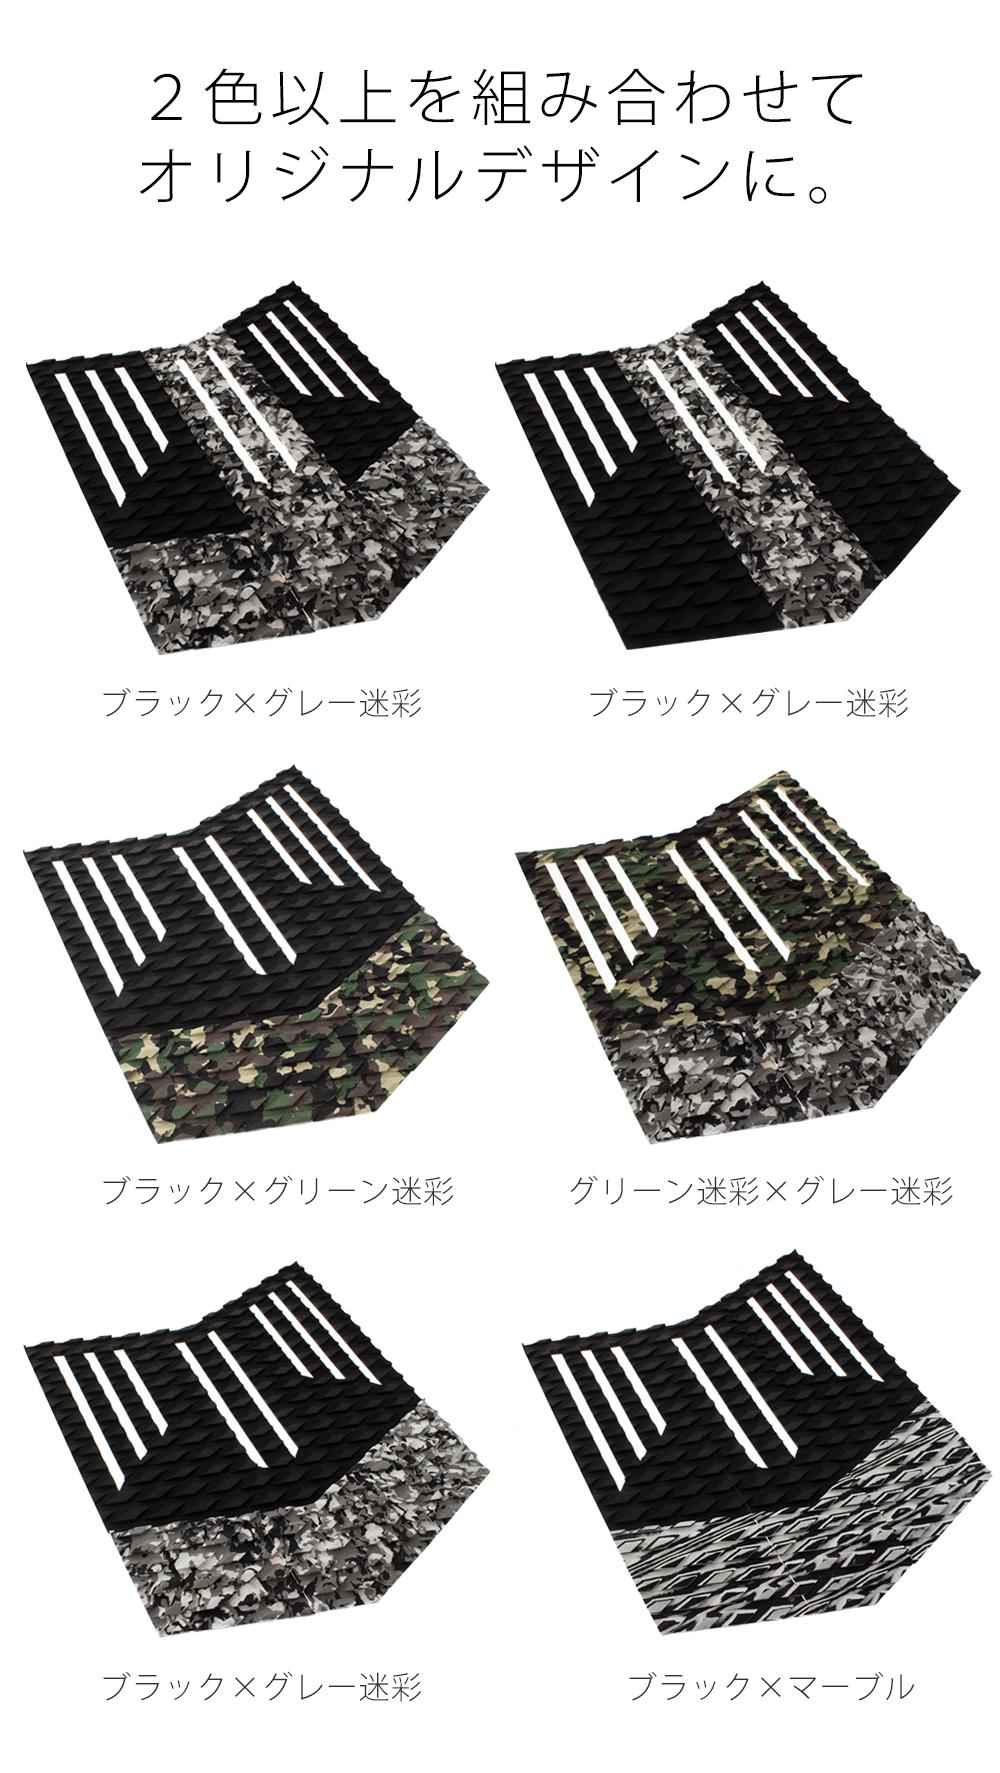 黒色のサーフィン用フロントデッキパッド